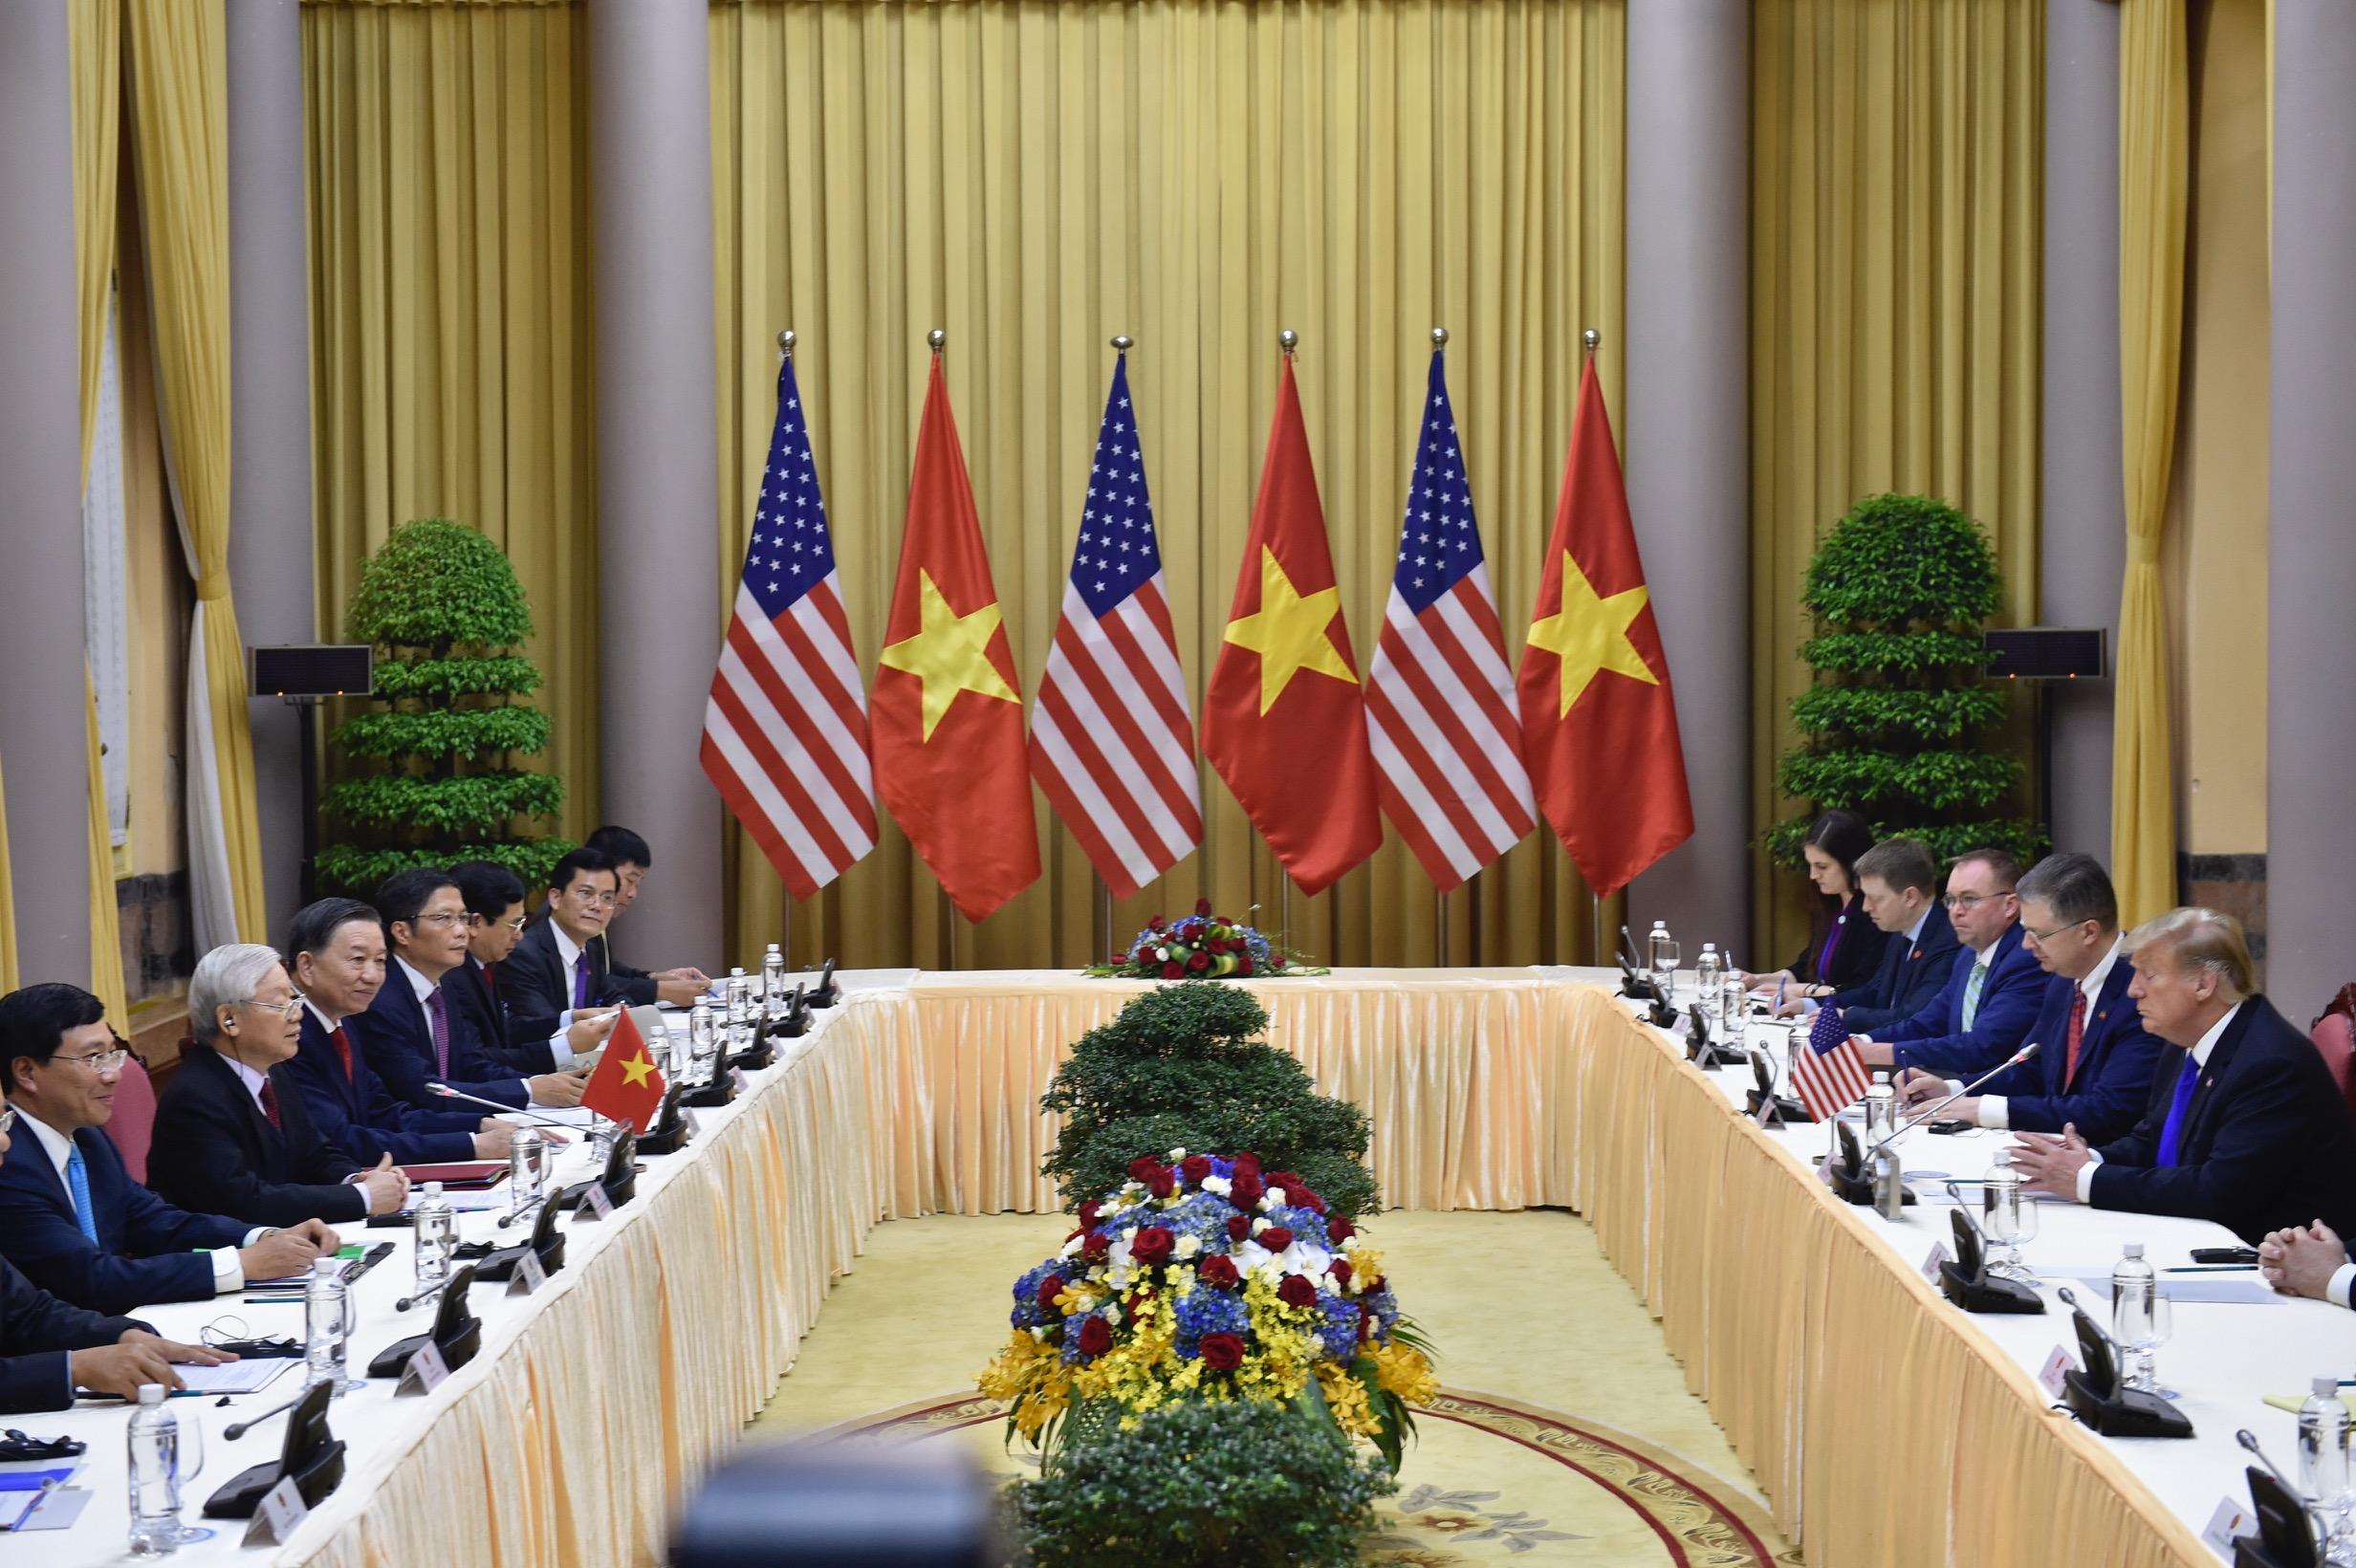 Chùm ảnh Tổng Bí thư, Chủ tịch nước Nguyễn Phú Trọng tiếp Tổng thống Donald Trump 6